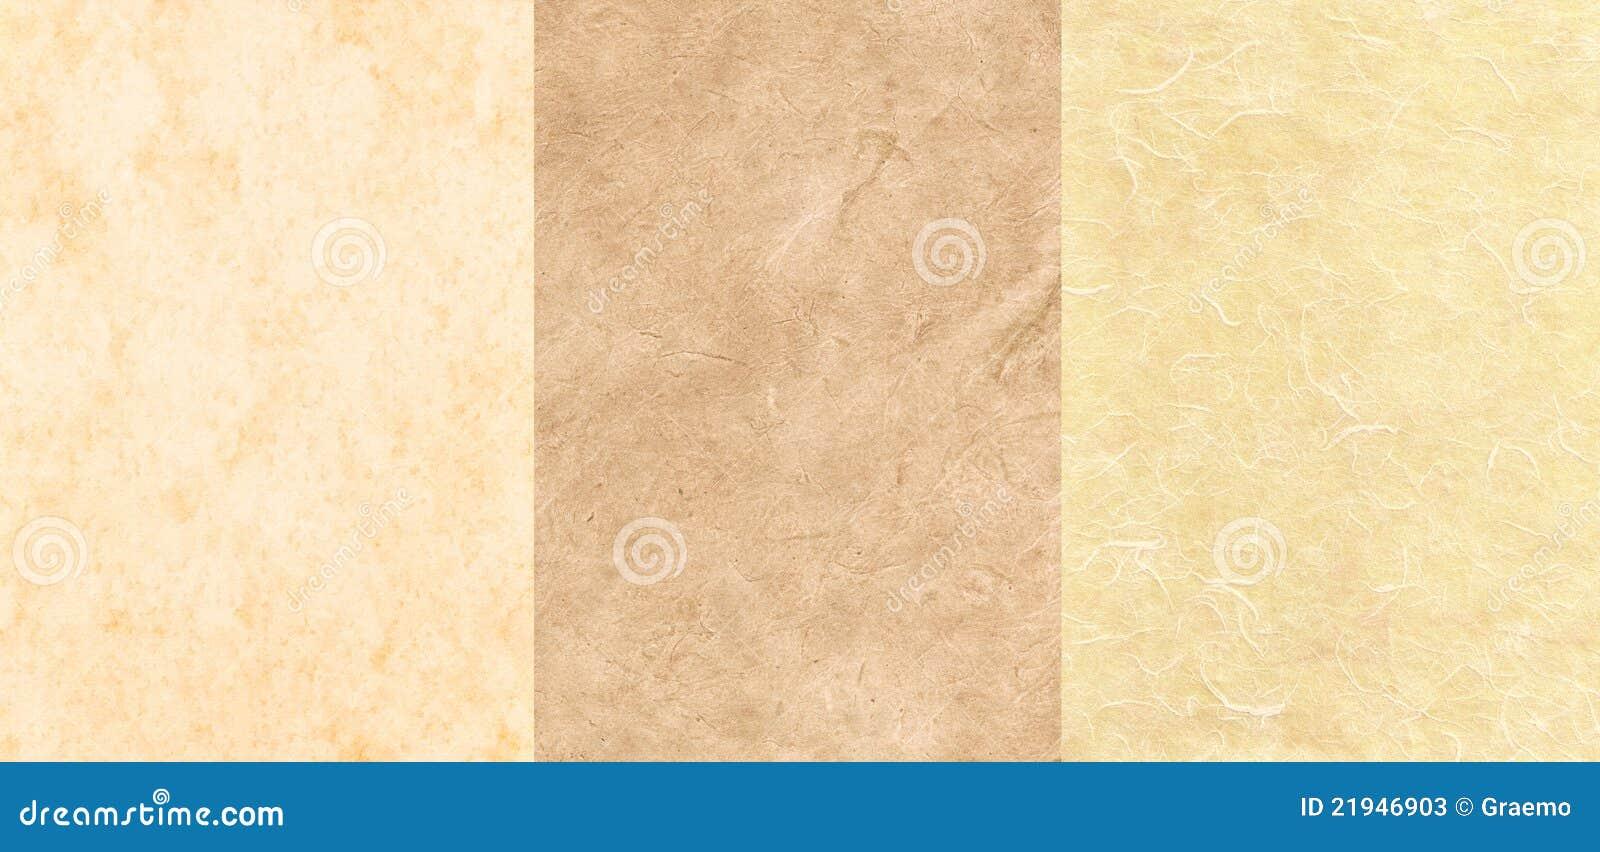 Set of 3 Parchment Textures